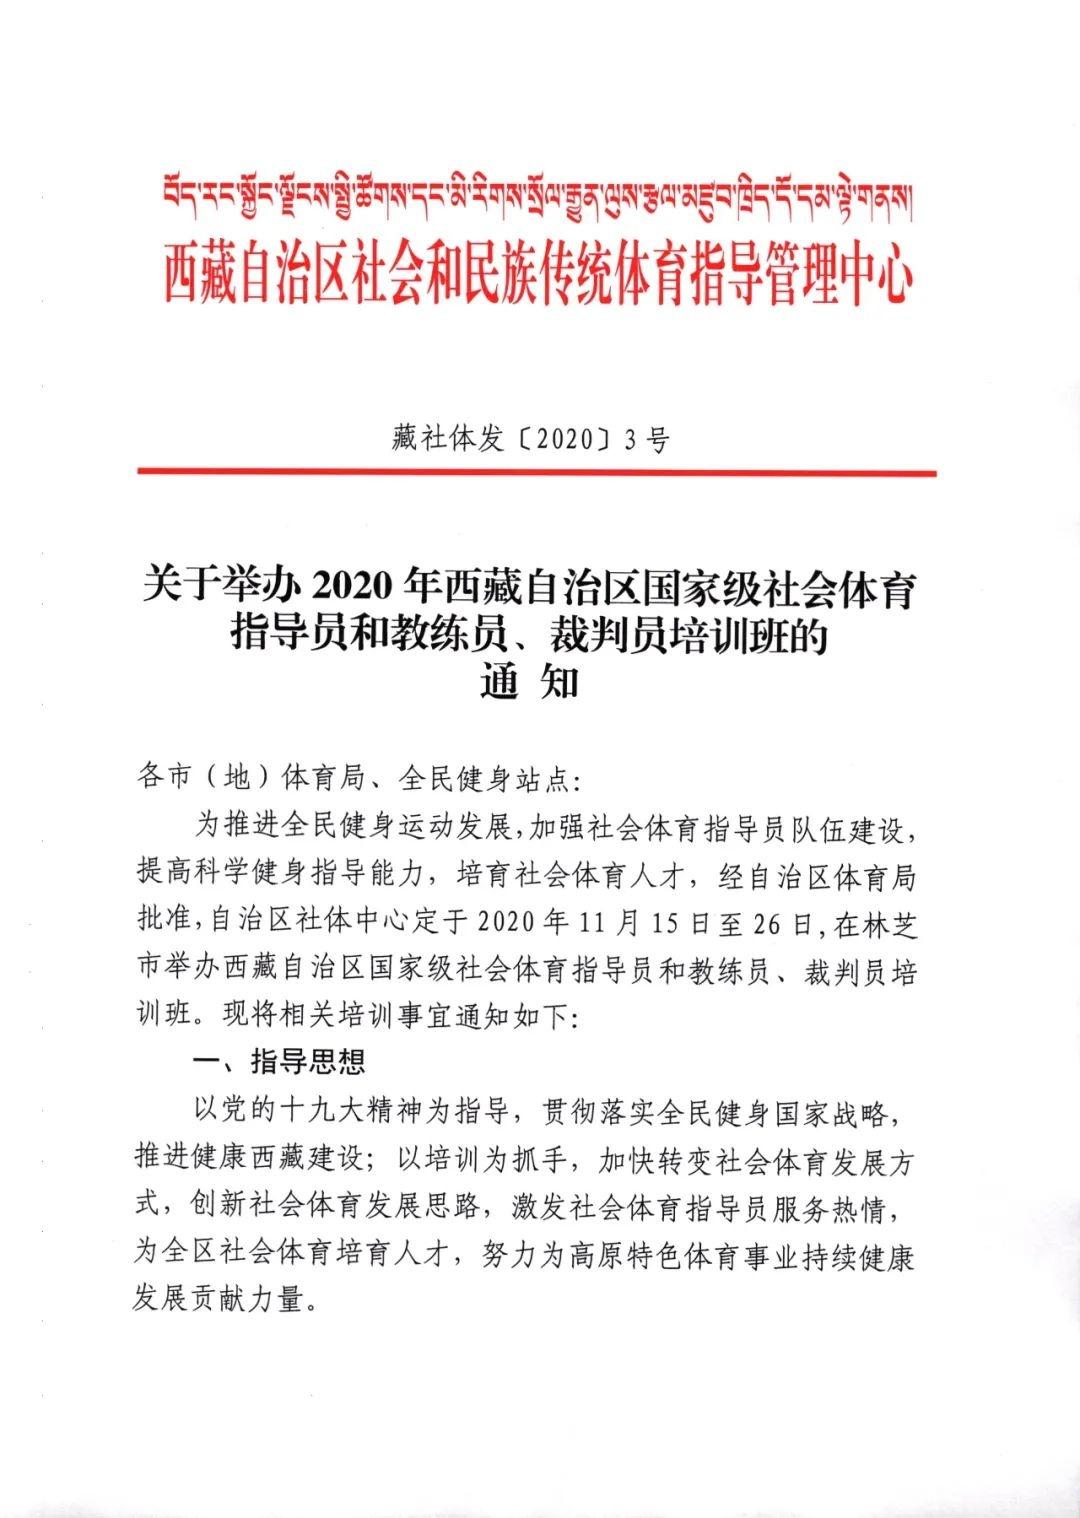 关于举办2020年西藏自治区国家级社会体育指导员和教练员、裁判员培训班的通知